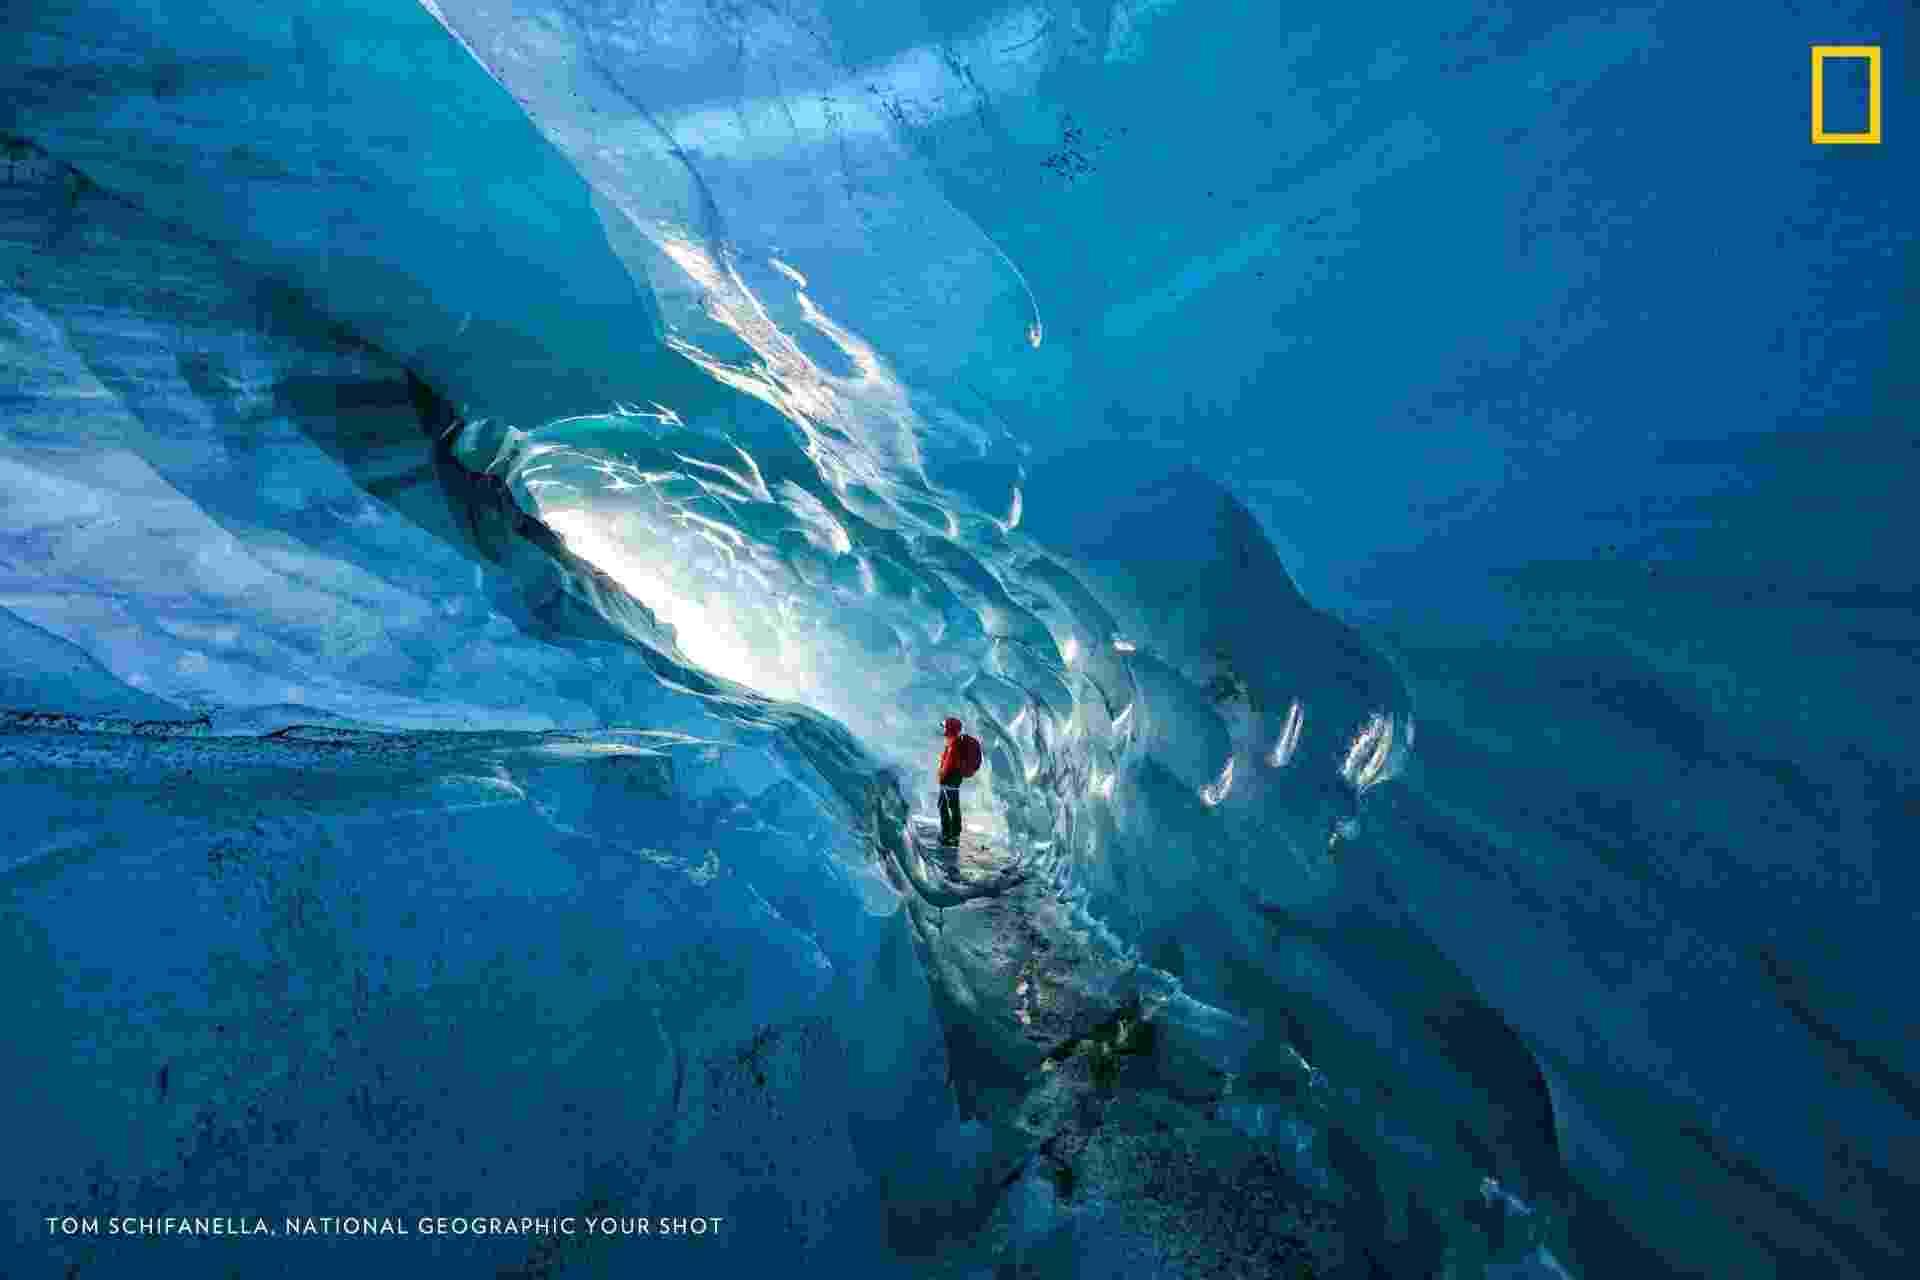 Guia na Islândia admira uma das cavernas de gelo do país. A personagem da foto entra na caverna há anos e afirma que, desde 2000, a área livre vem se expandido por causa do aquecimento global. Em menos de 15 anos, as geleiras da Islândia perderam 12% de seu tamanho - Tom Schifanella/National Geographic Your Shot